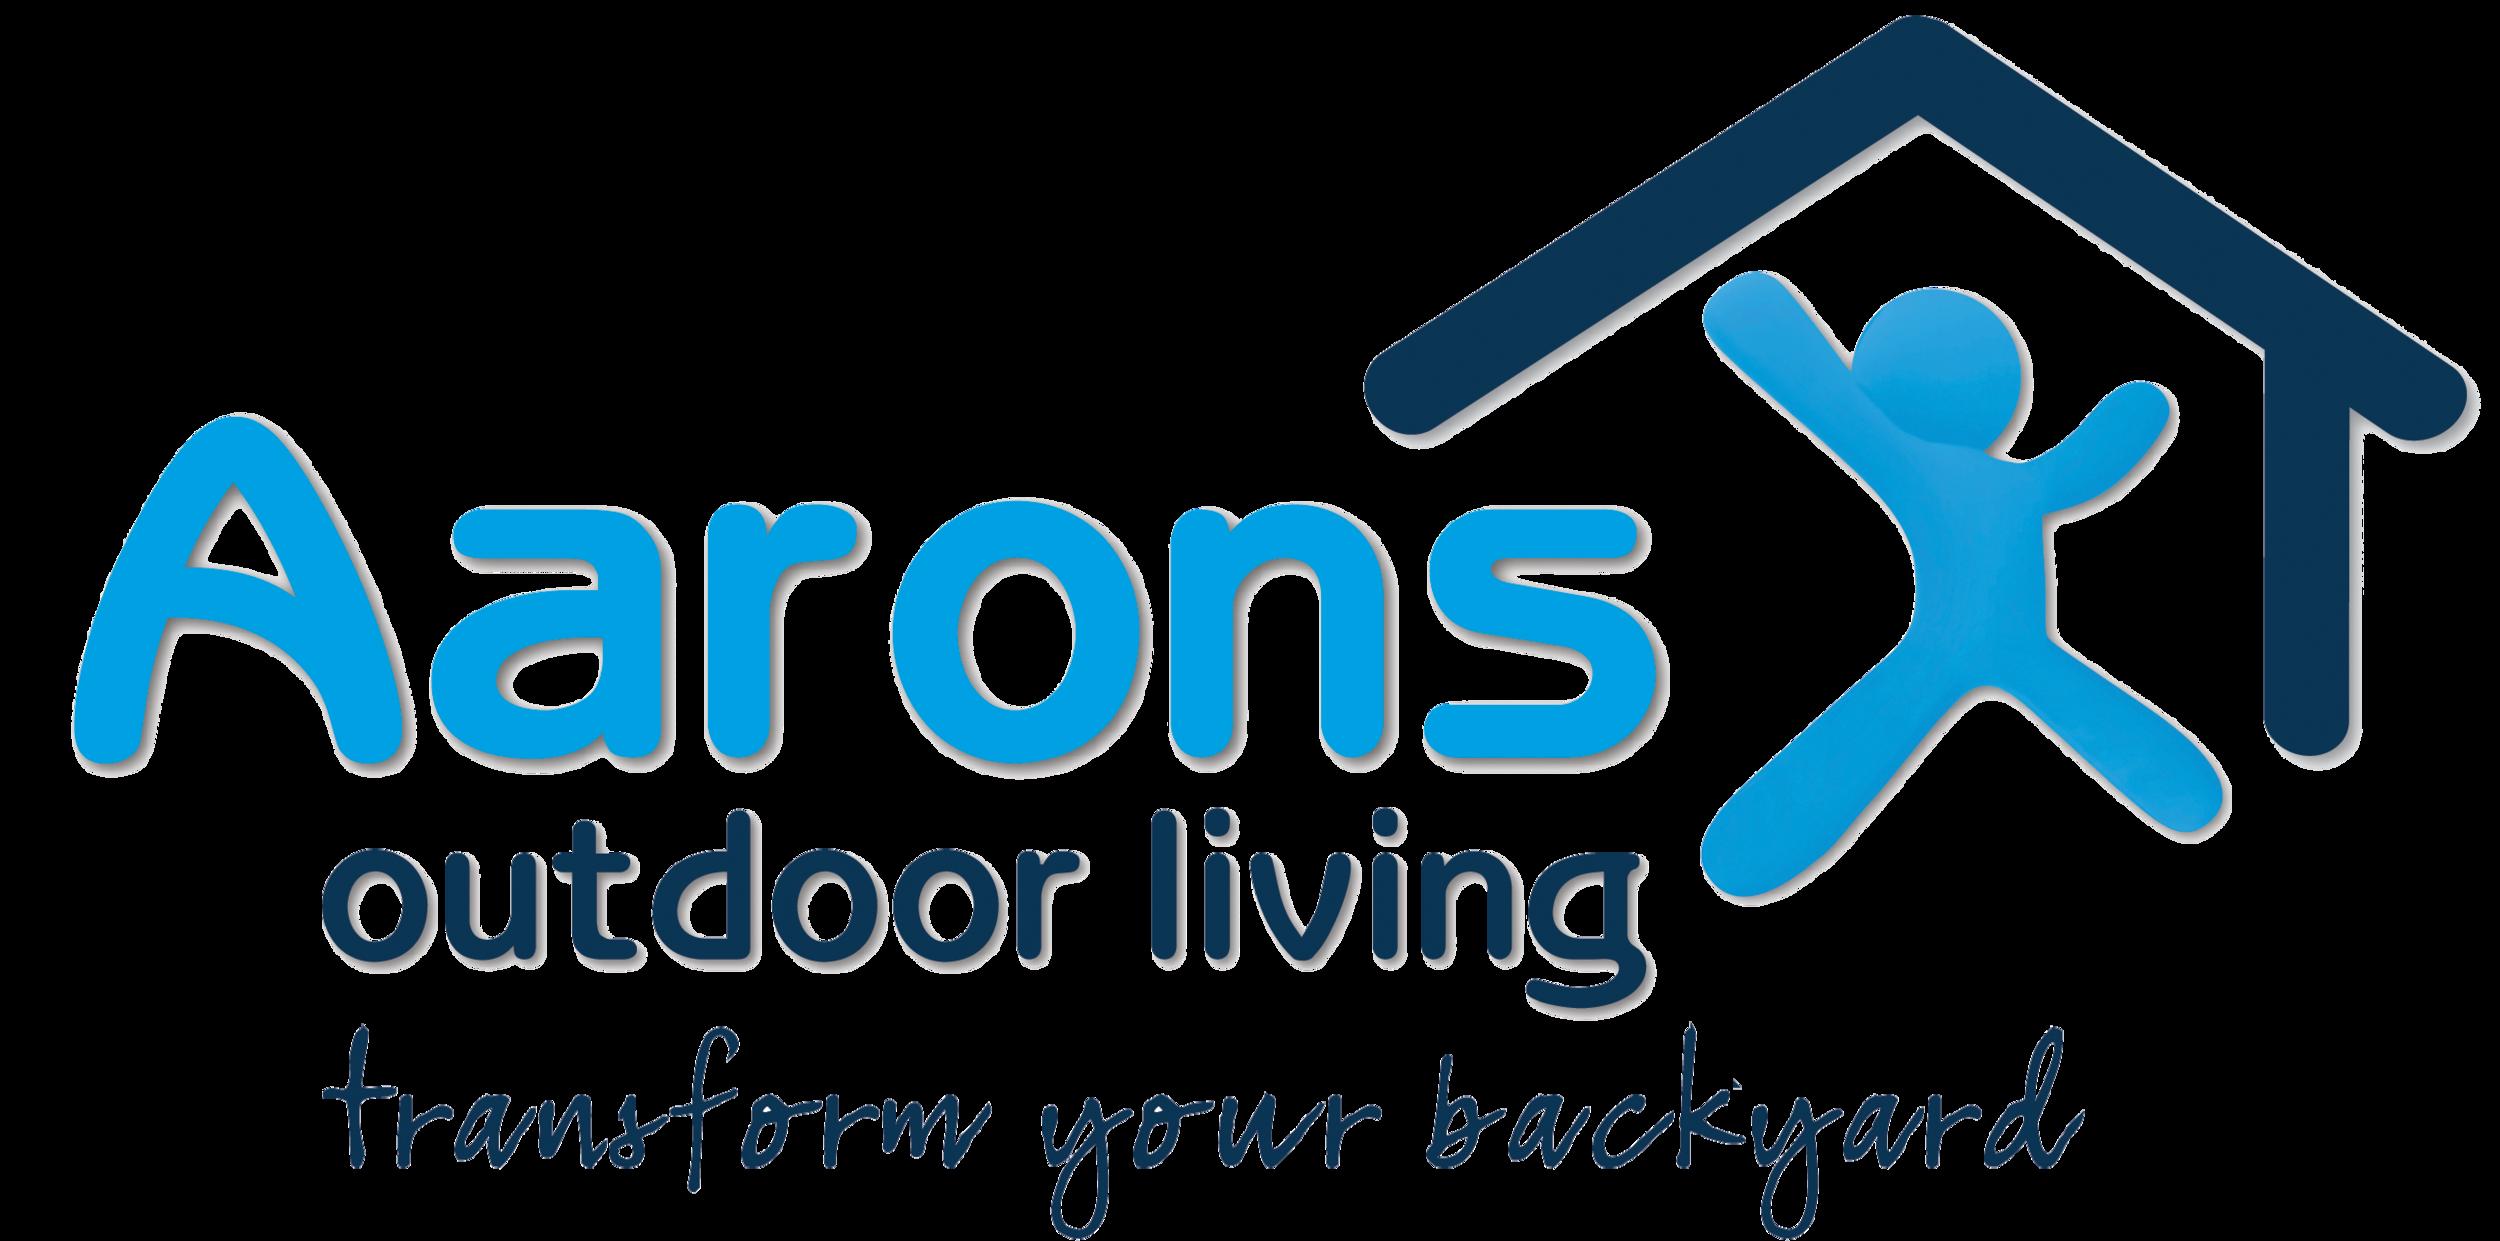 Aarons_Outdoor_Living_Logo